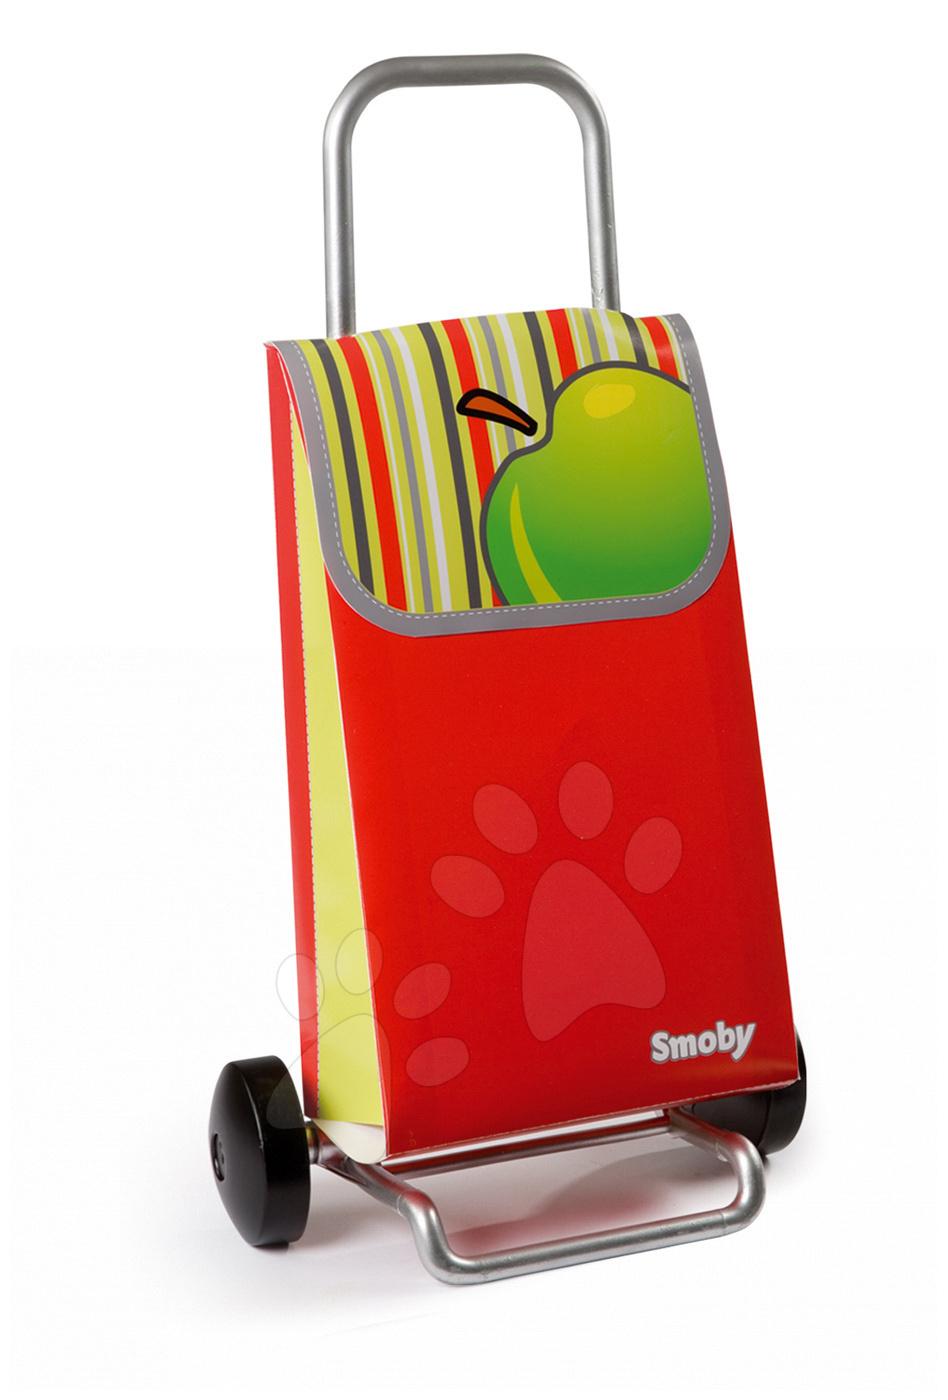 Nákupná taška Smoby na kolieskach s jabĺčkovým vzorom